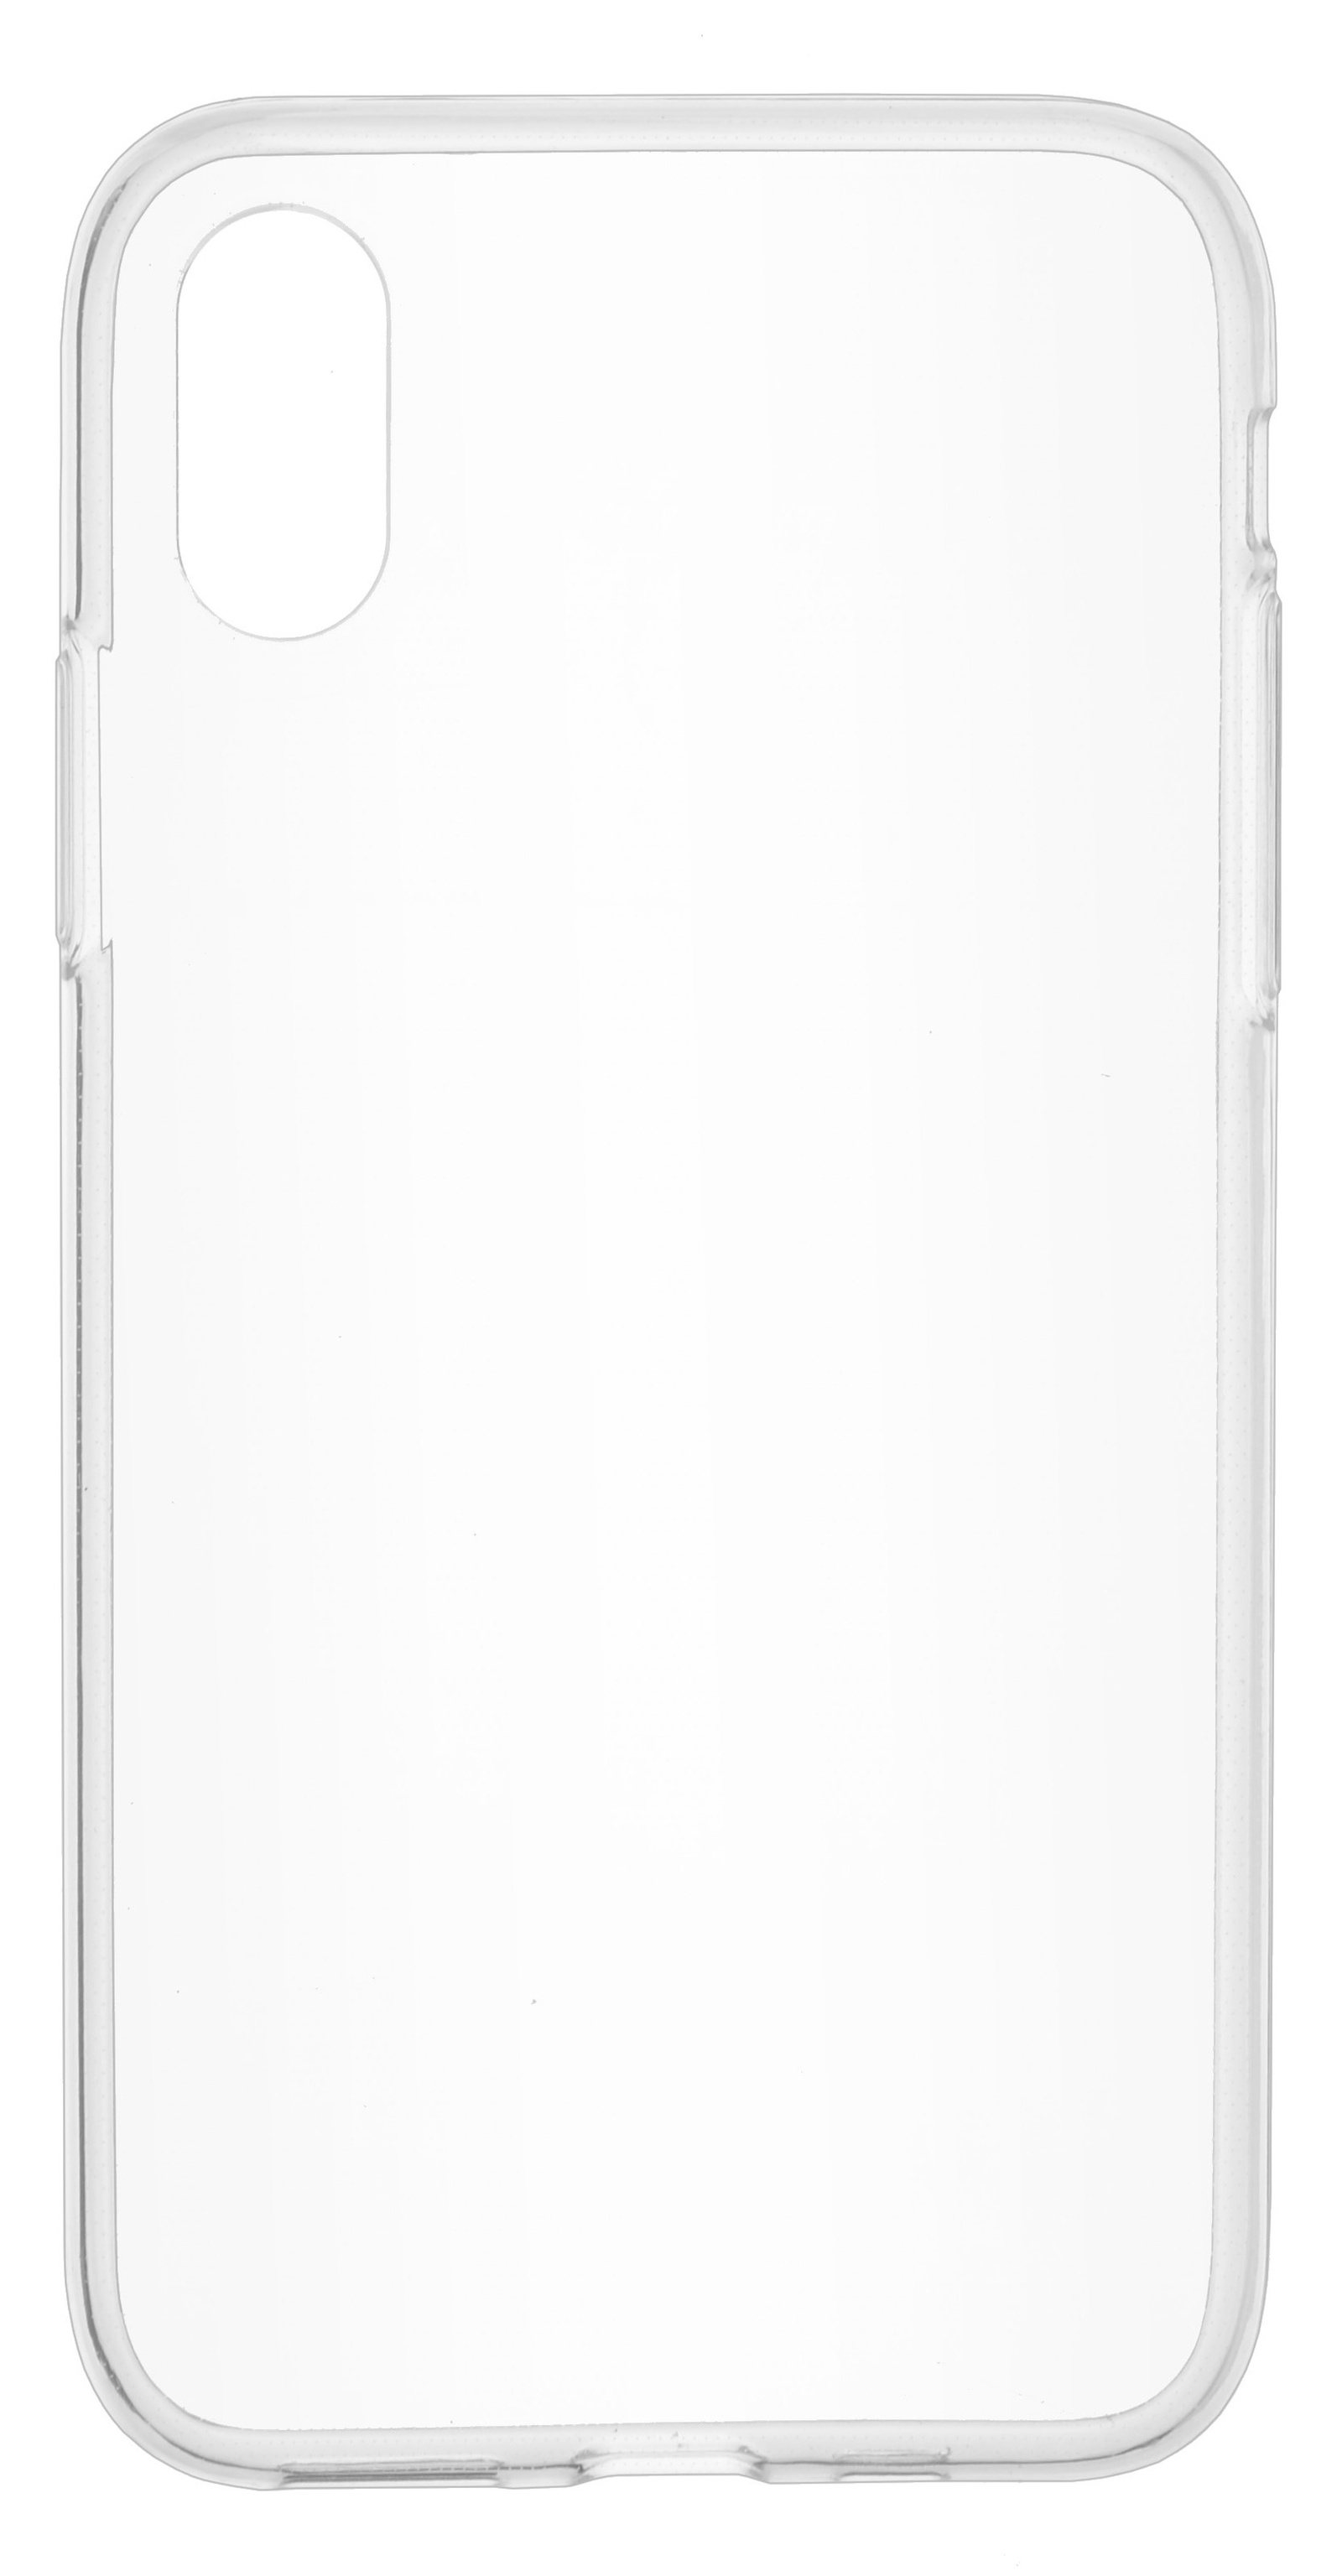 Накладка Skinbox Slim Silicone для Iphone XS, 4630042521100, прозрачный недорого